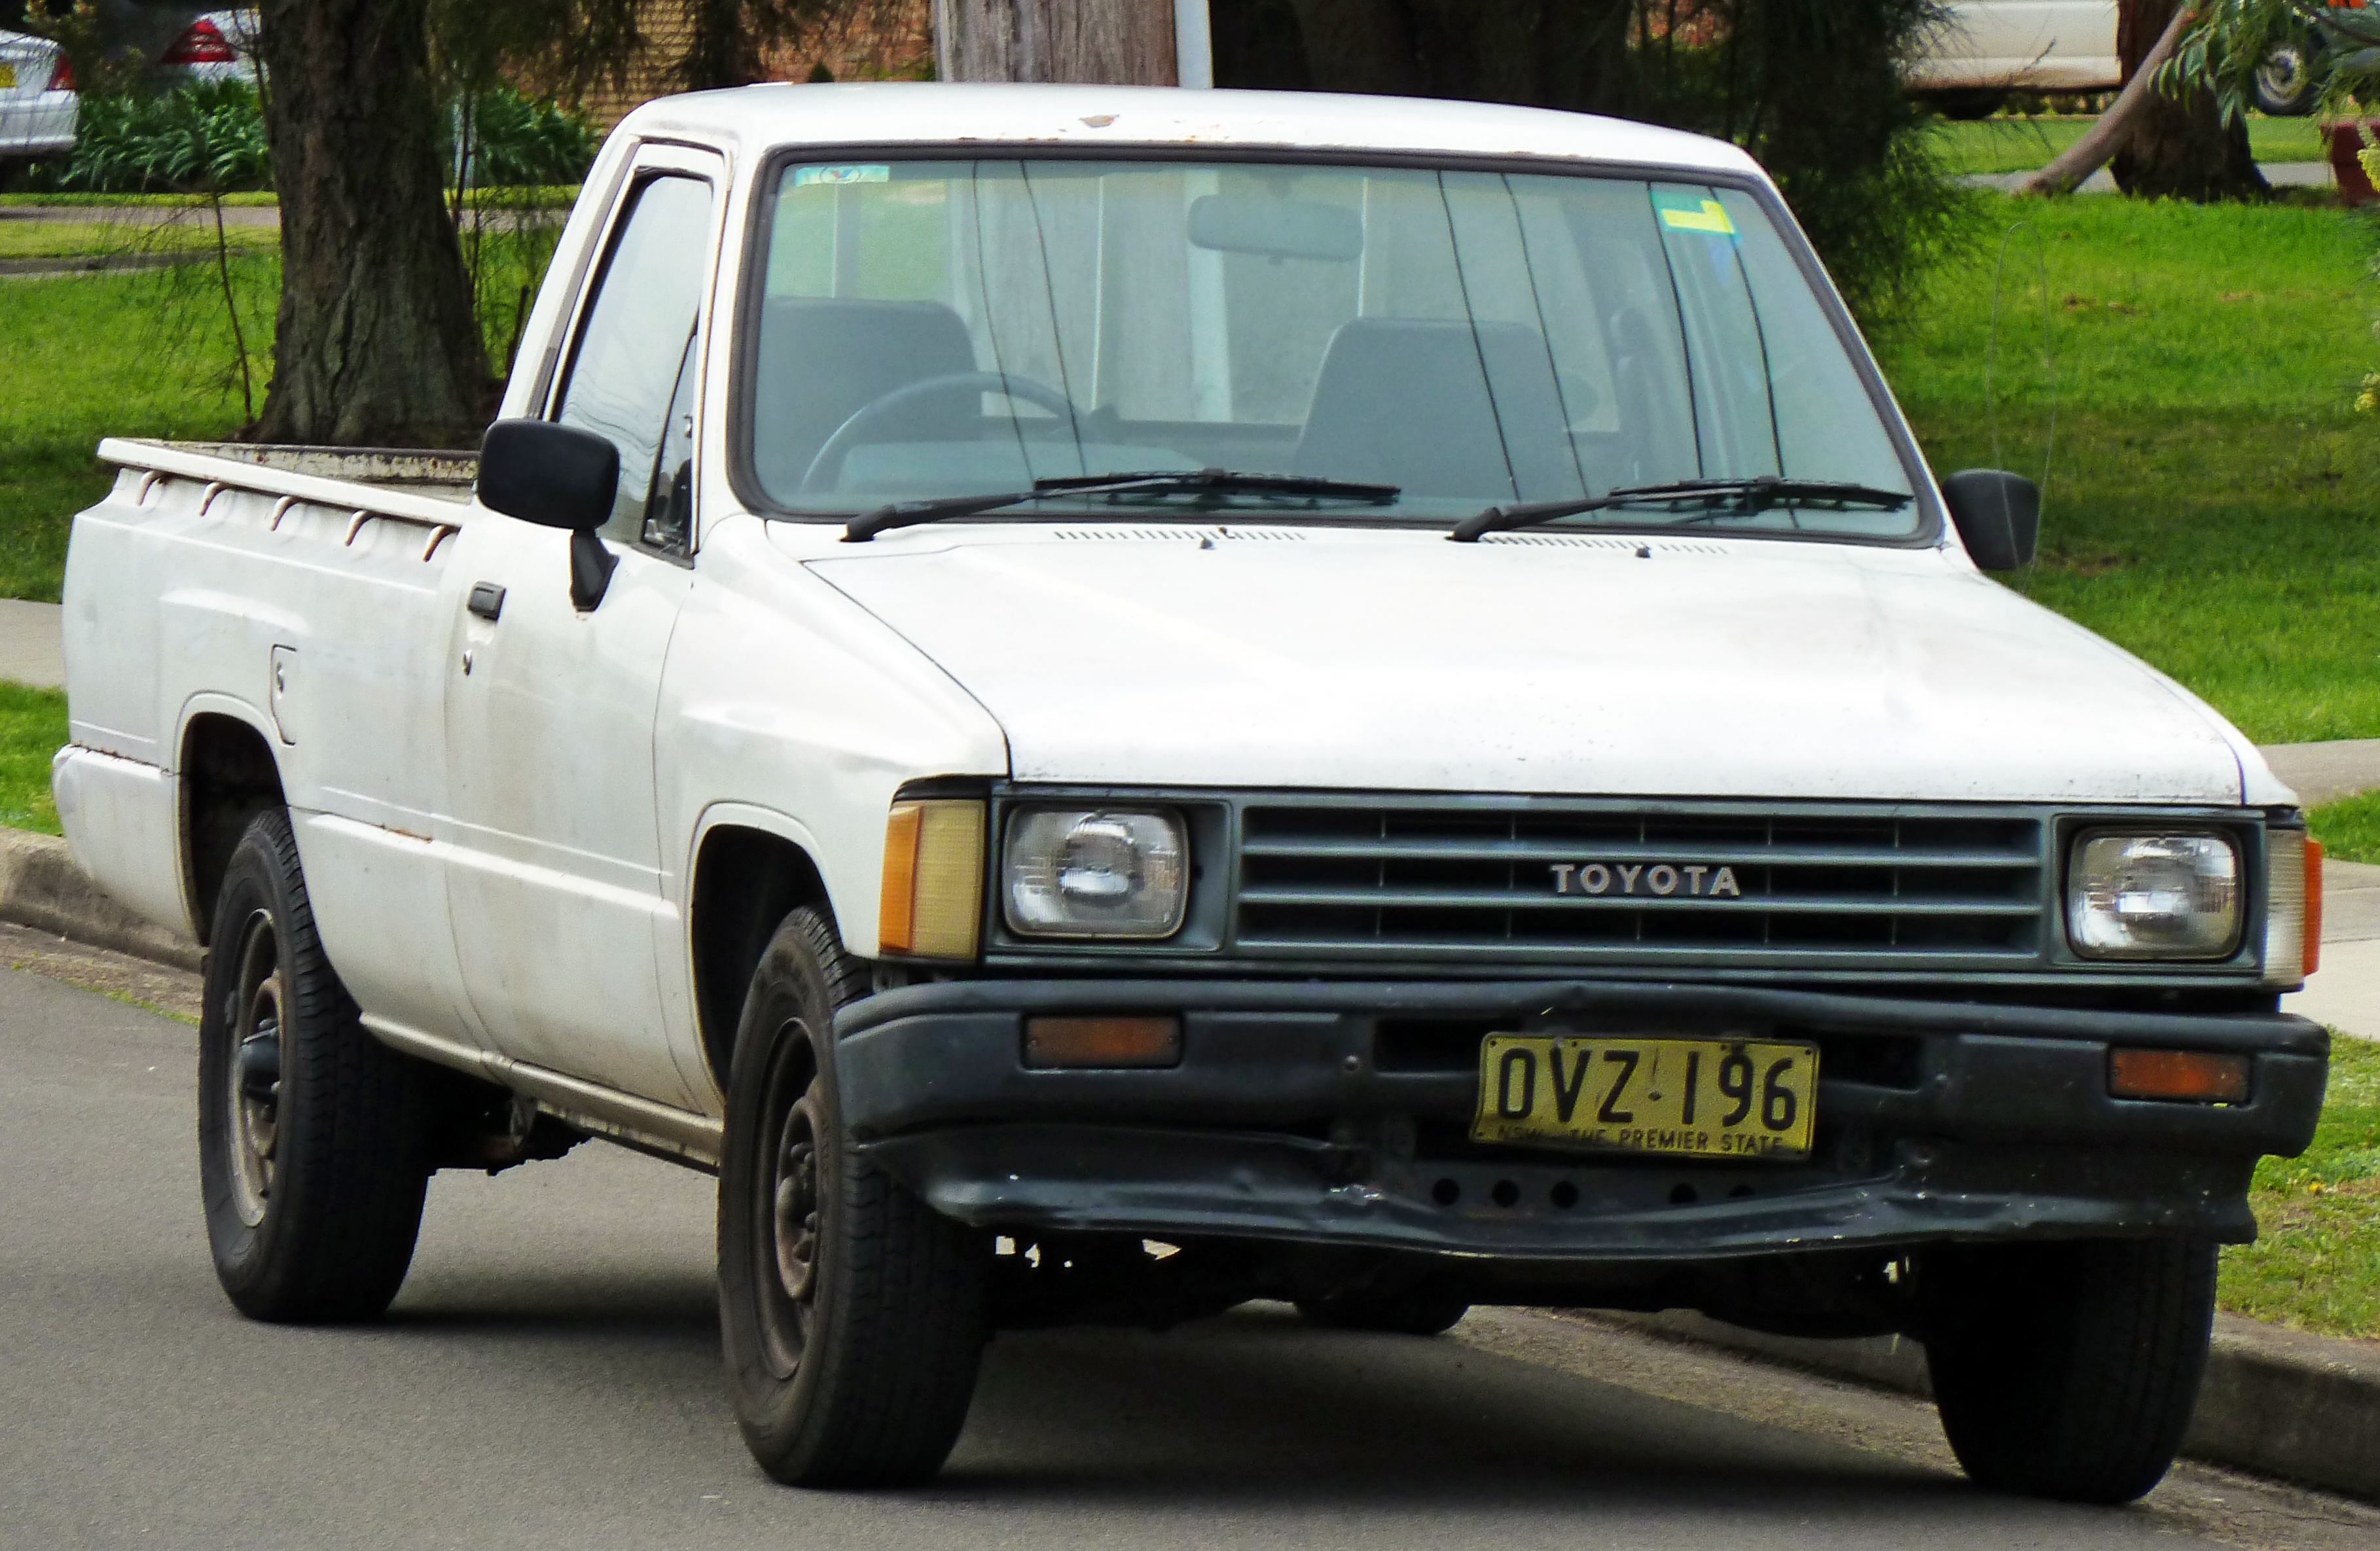 Toyota Corolla 2010 Type S >> File:1983-1988 Toyota Hilux (YN58R) 2-door utility 01.jpg - Wikimedia Commons